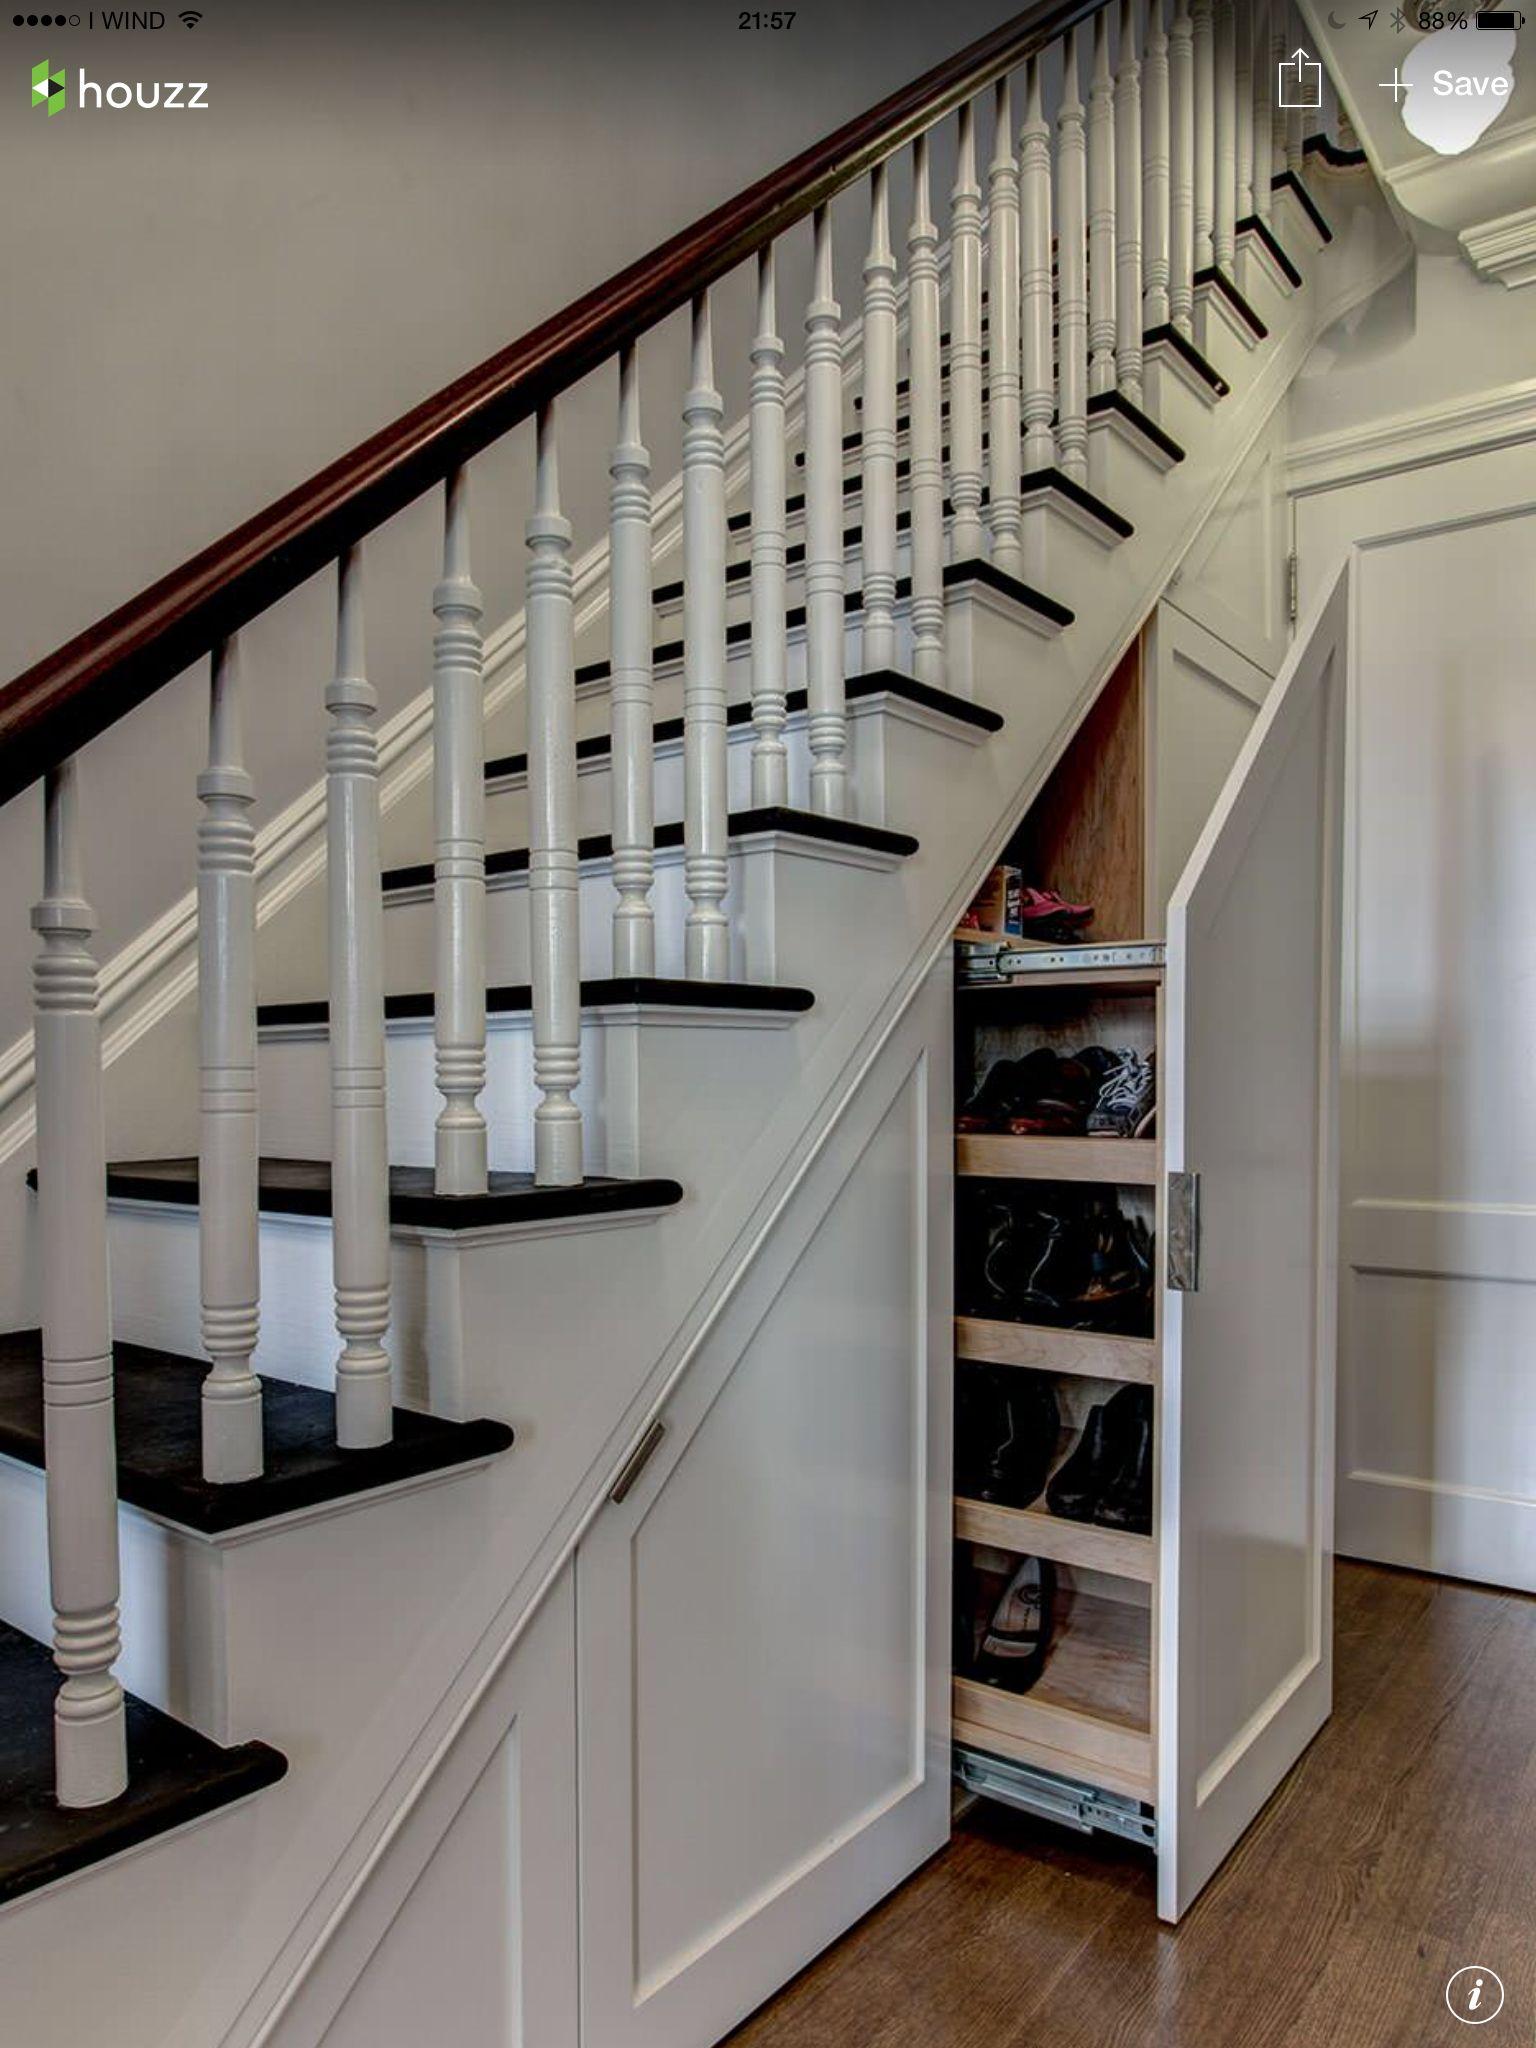 Cucina | Disegno scala, Ripostiglio sotto le scale, Spazio ...